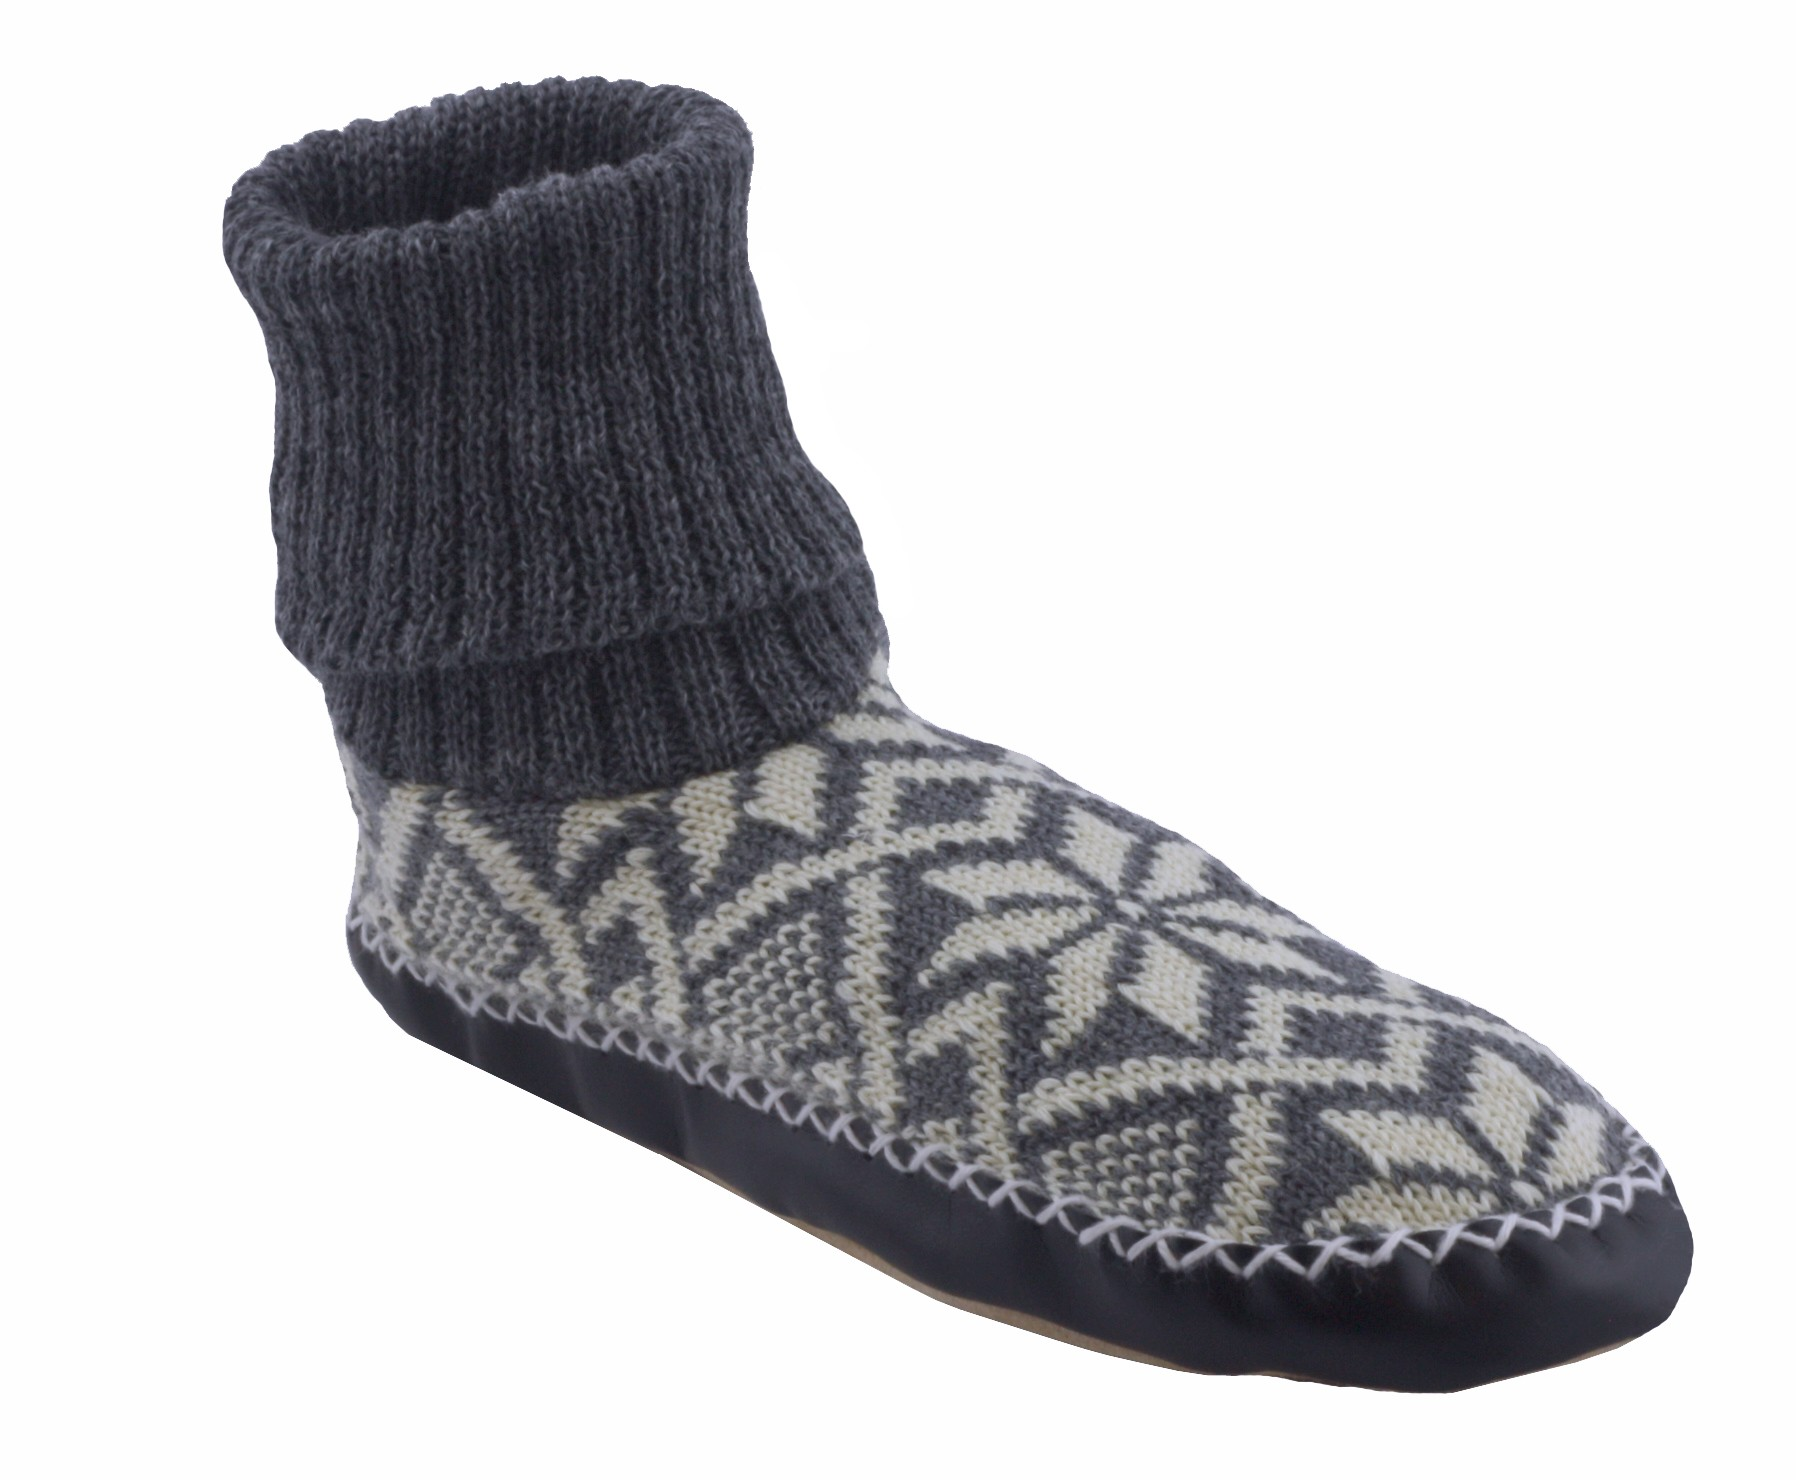 938840ee90a Chaussons norvégiens   Compromis idéal entre chaussettes et chaussons ! -  viaprestige-mode.fr